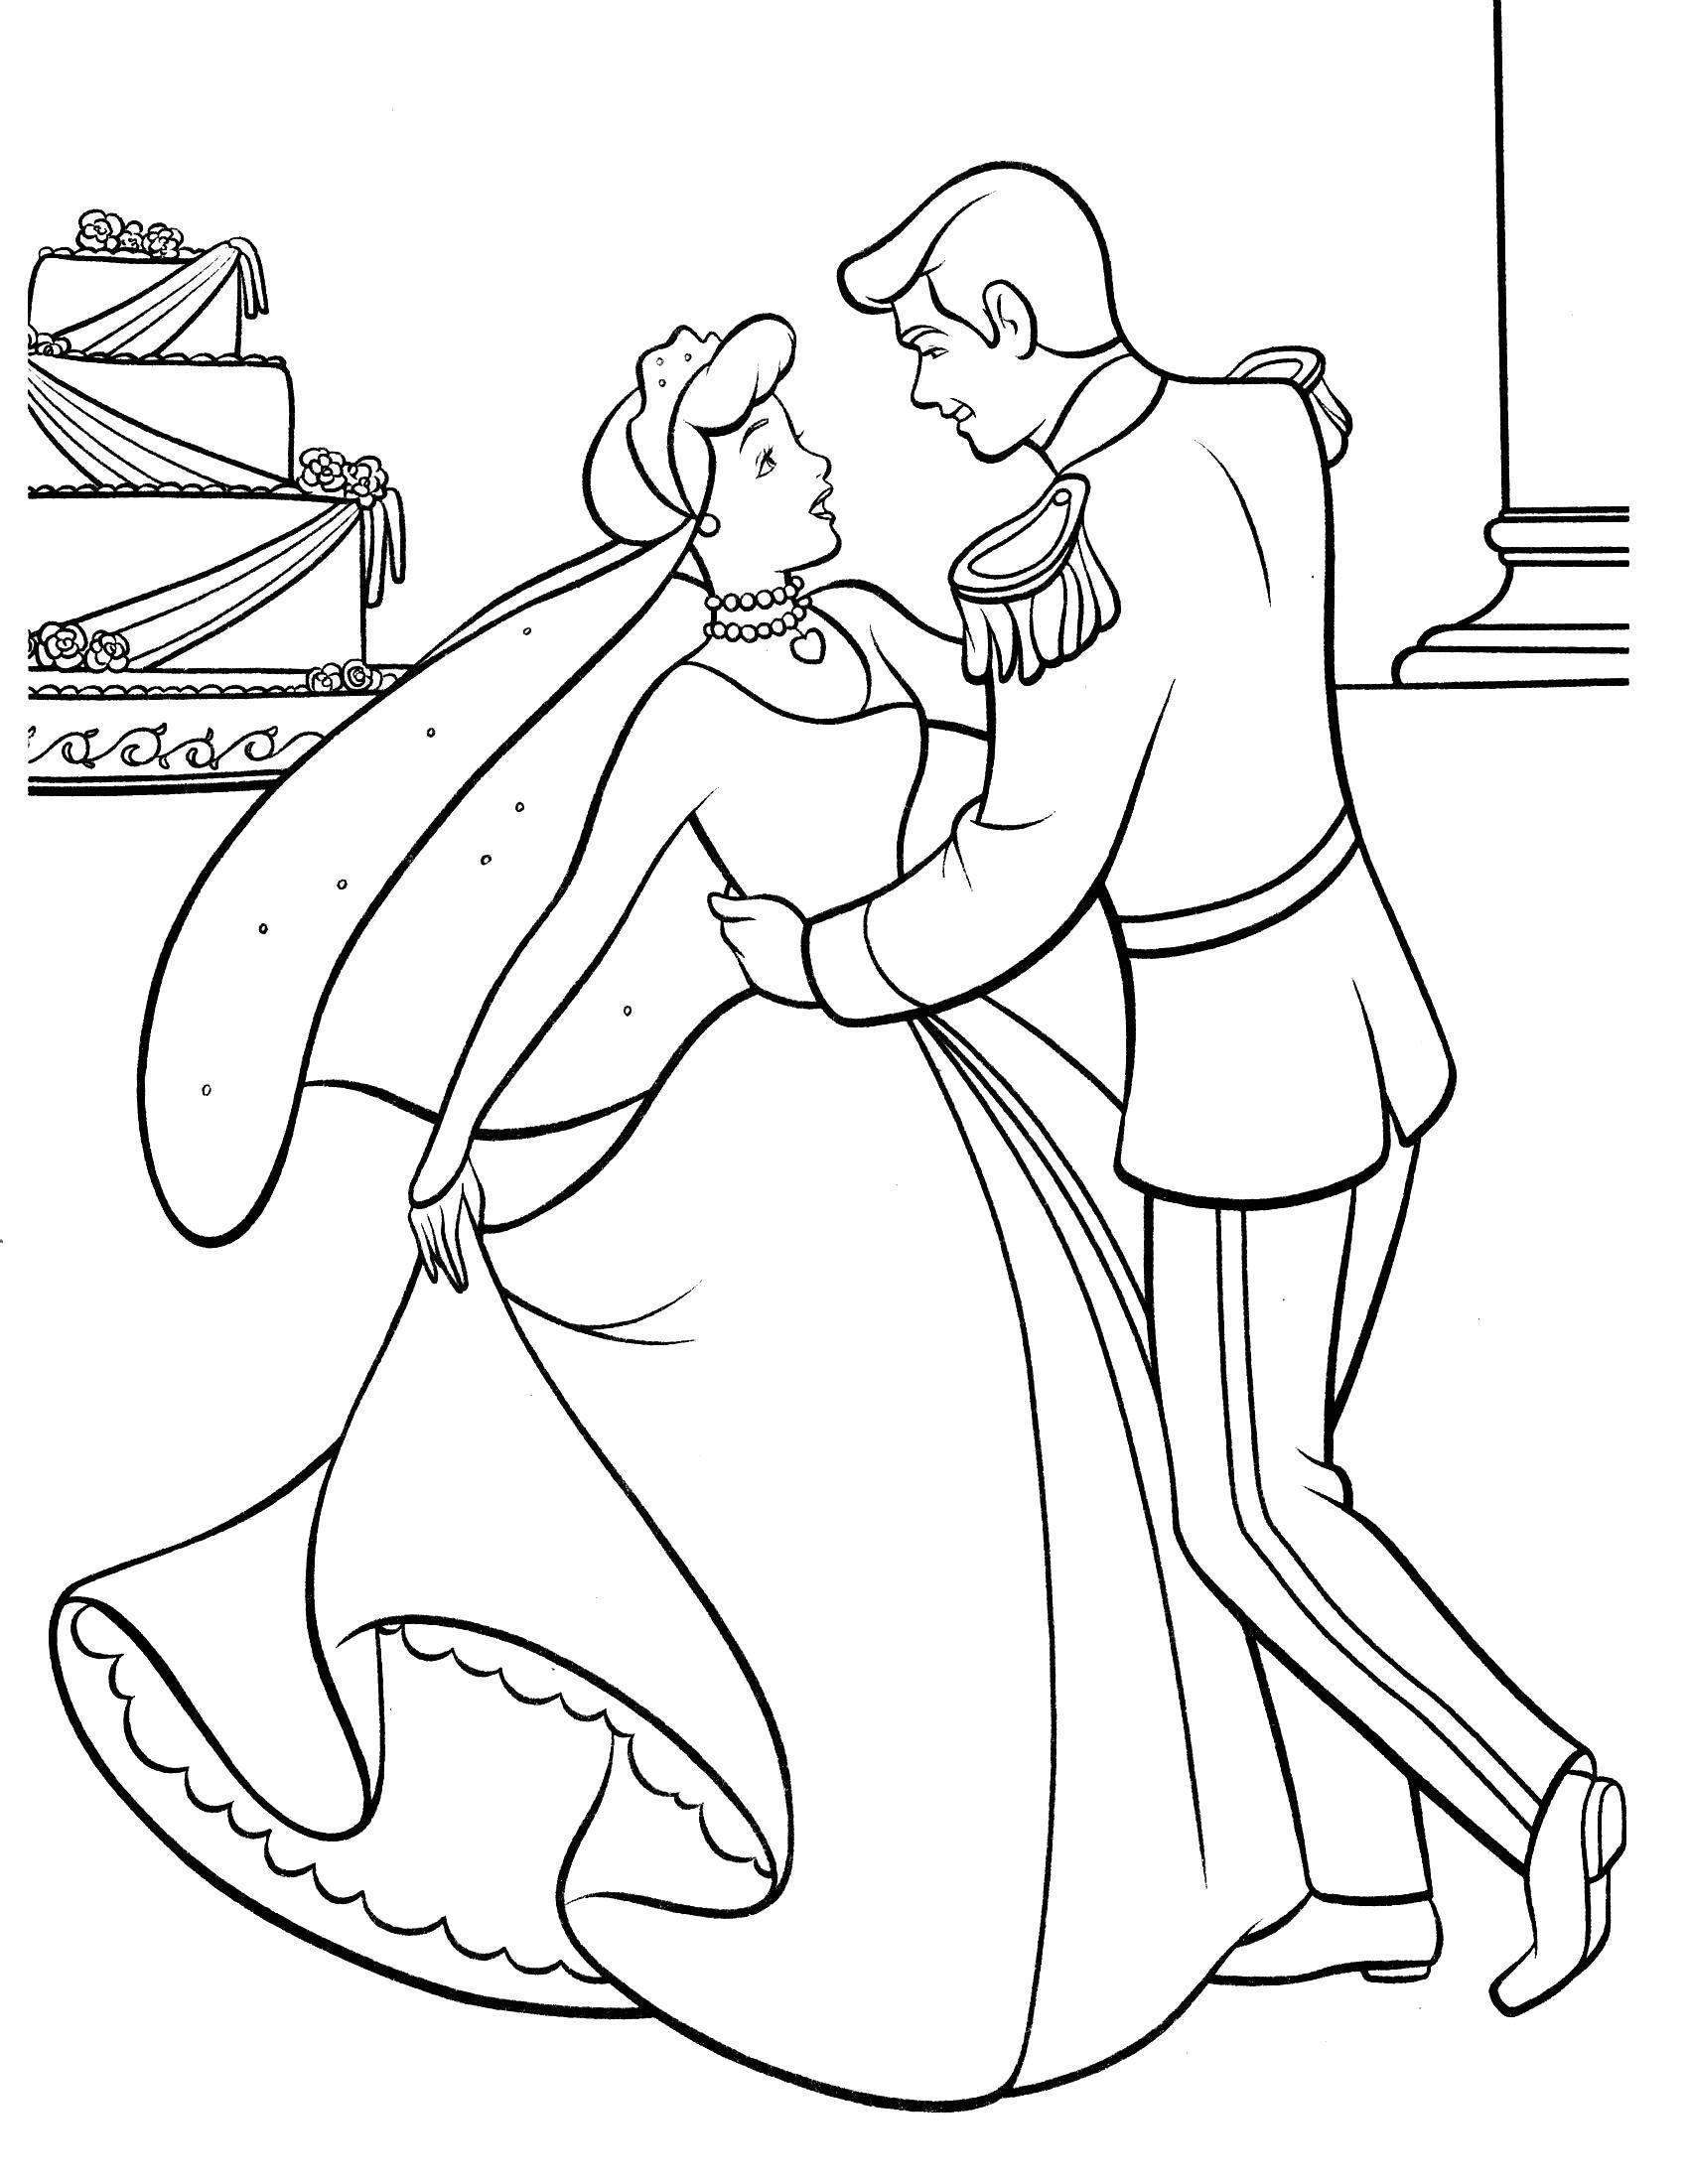 Раскраска Золушка и принц танцуют. Скачать Танцуют.  Распечатать Танцуют